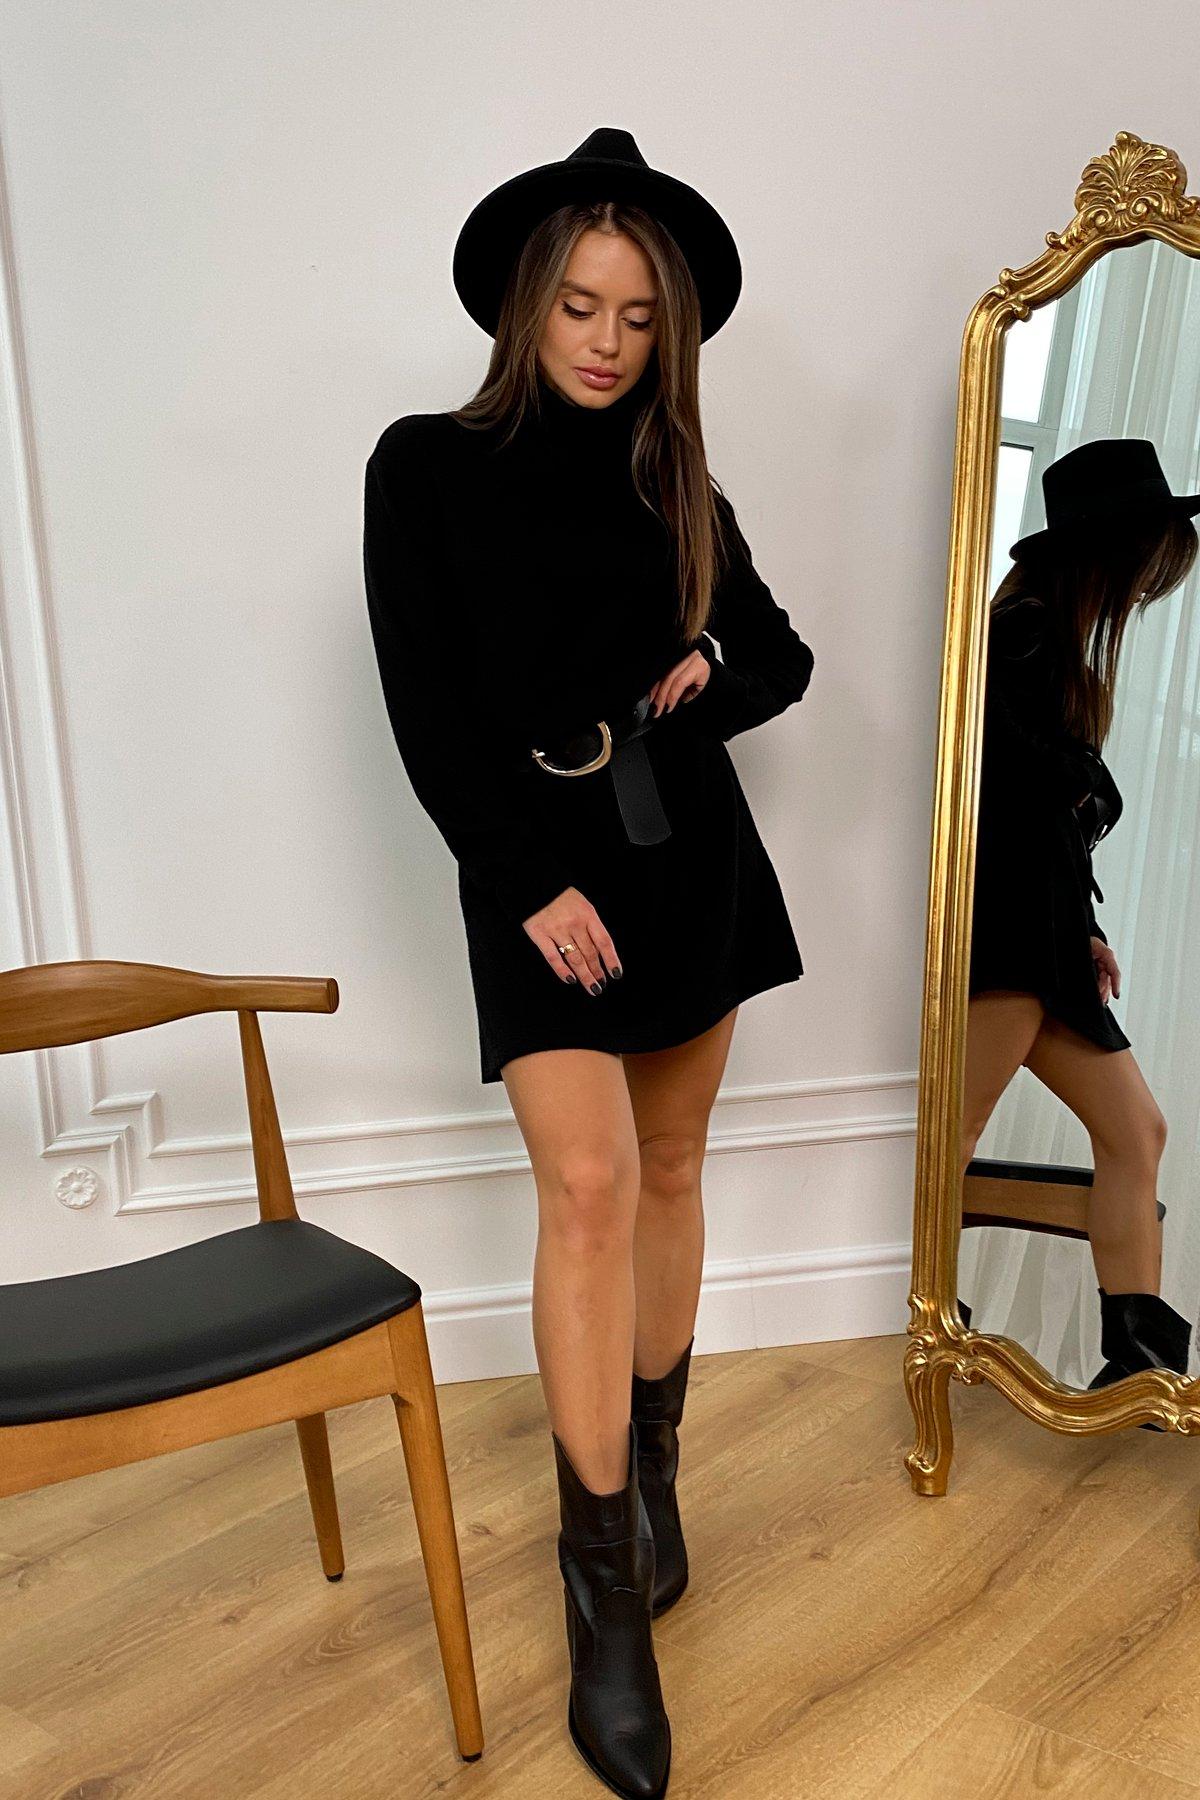 Дресса трикотаж ангора платье 10129 АРТ. 46428 Цвет: Черный - фото 1, интернет магазин tm-modus.ru